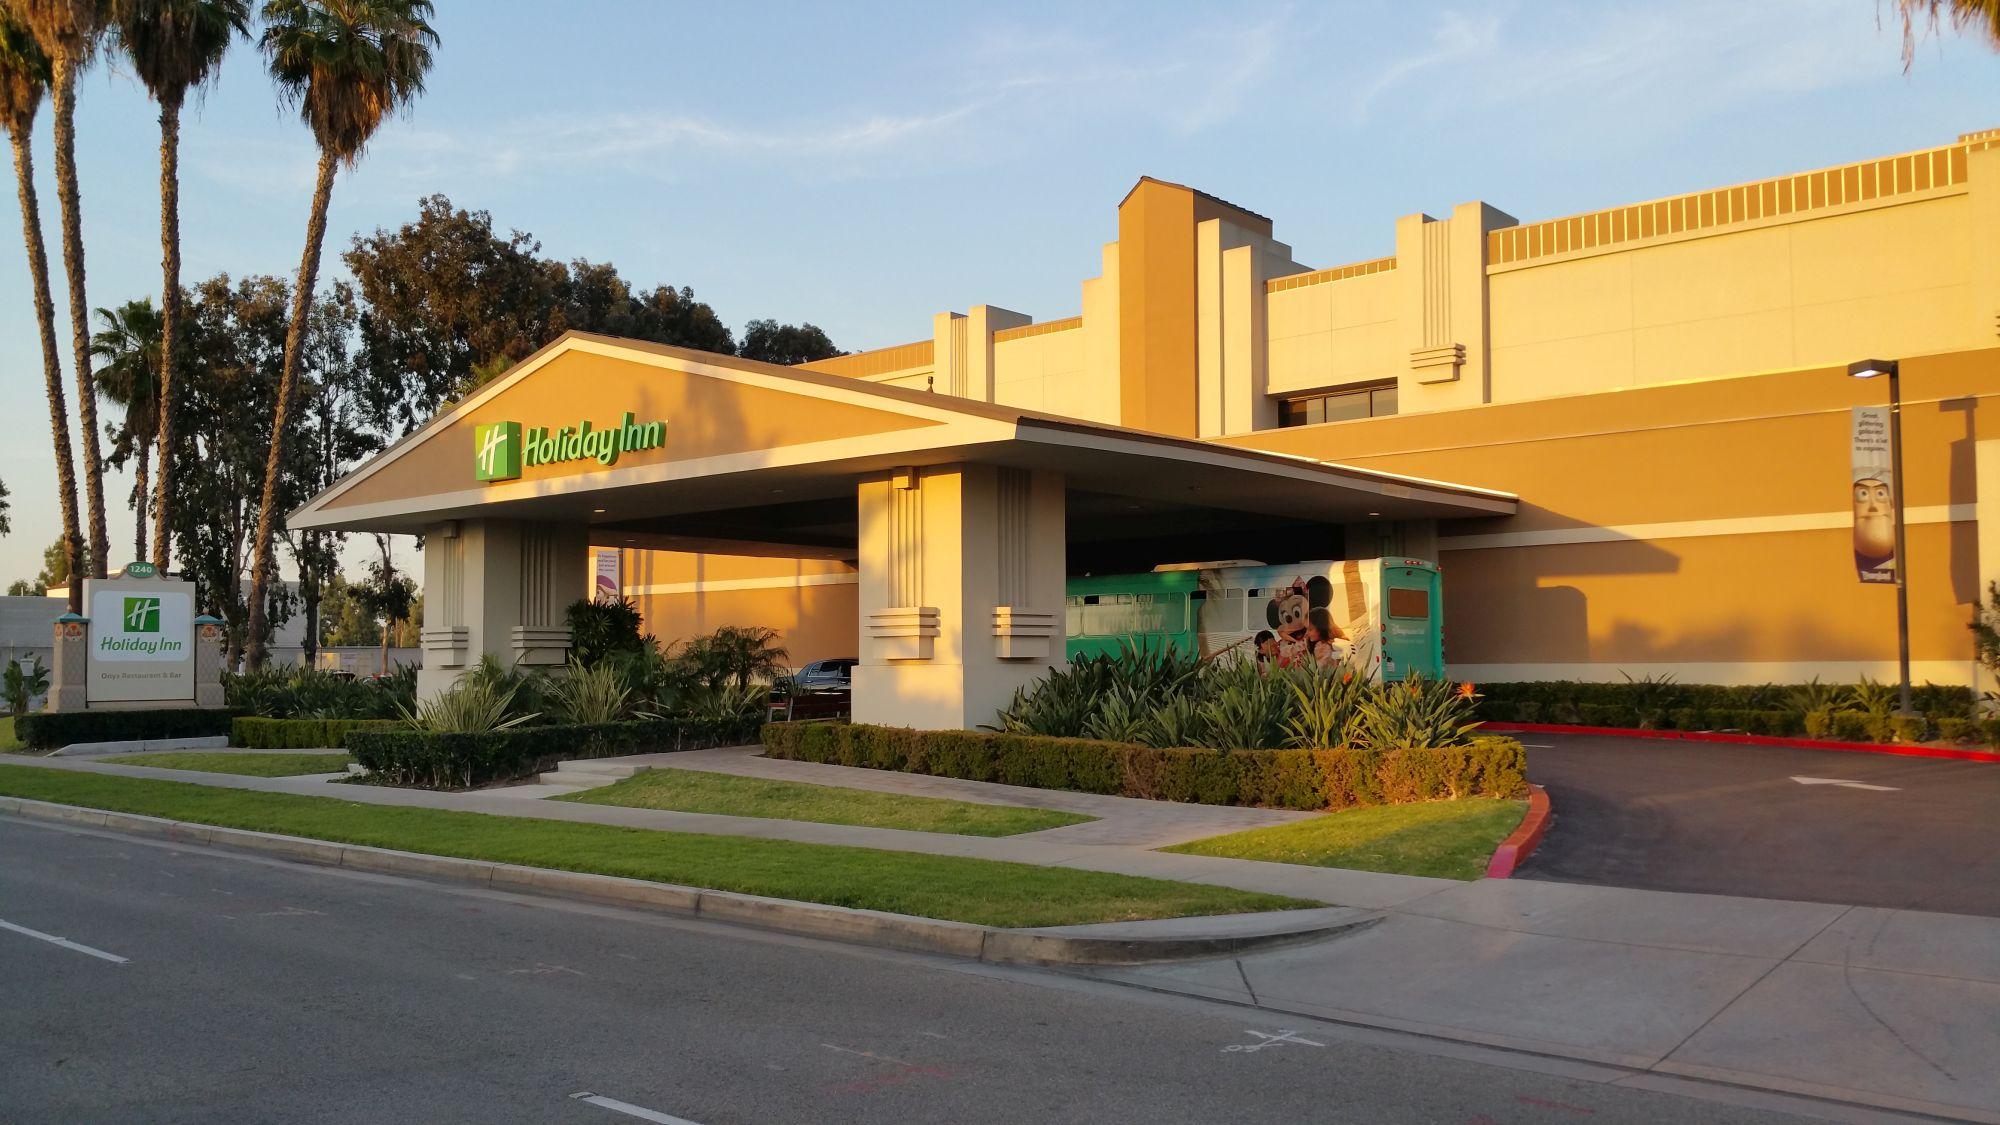 Hotel Review: Holiday Inn & Suites Anaheim (1 Blk/Disneyland®)